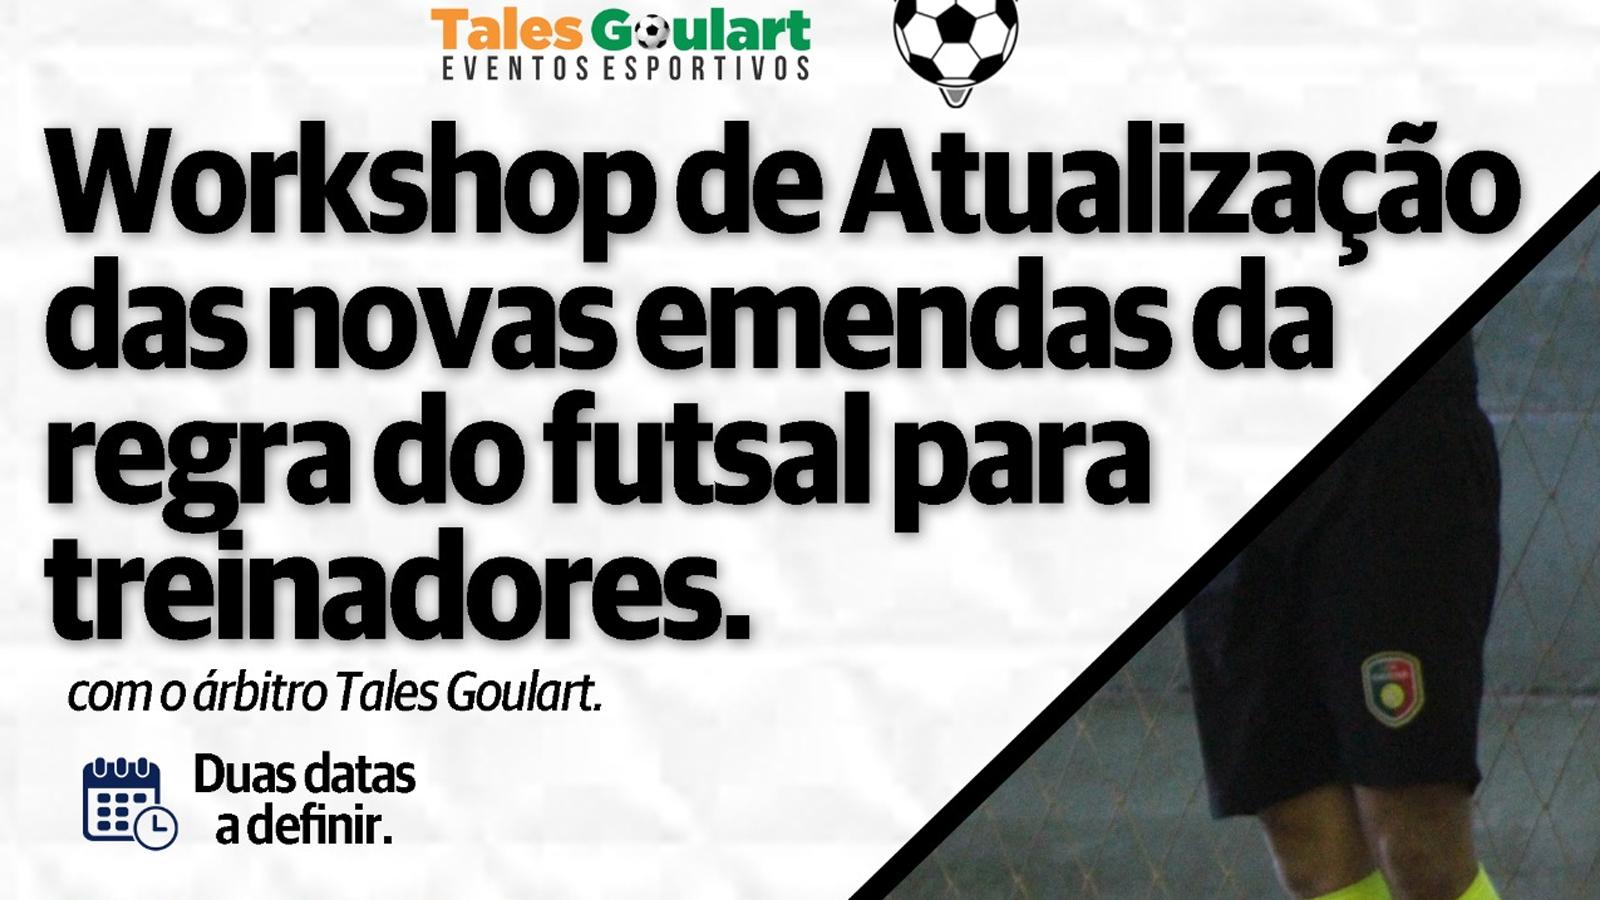 Workshop apresenta atualização das novas emendas da regra de futsal